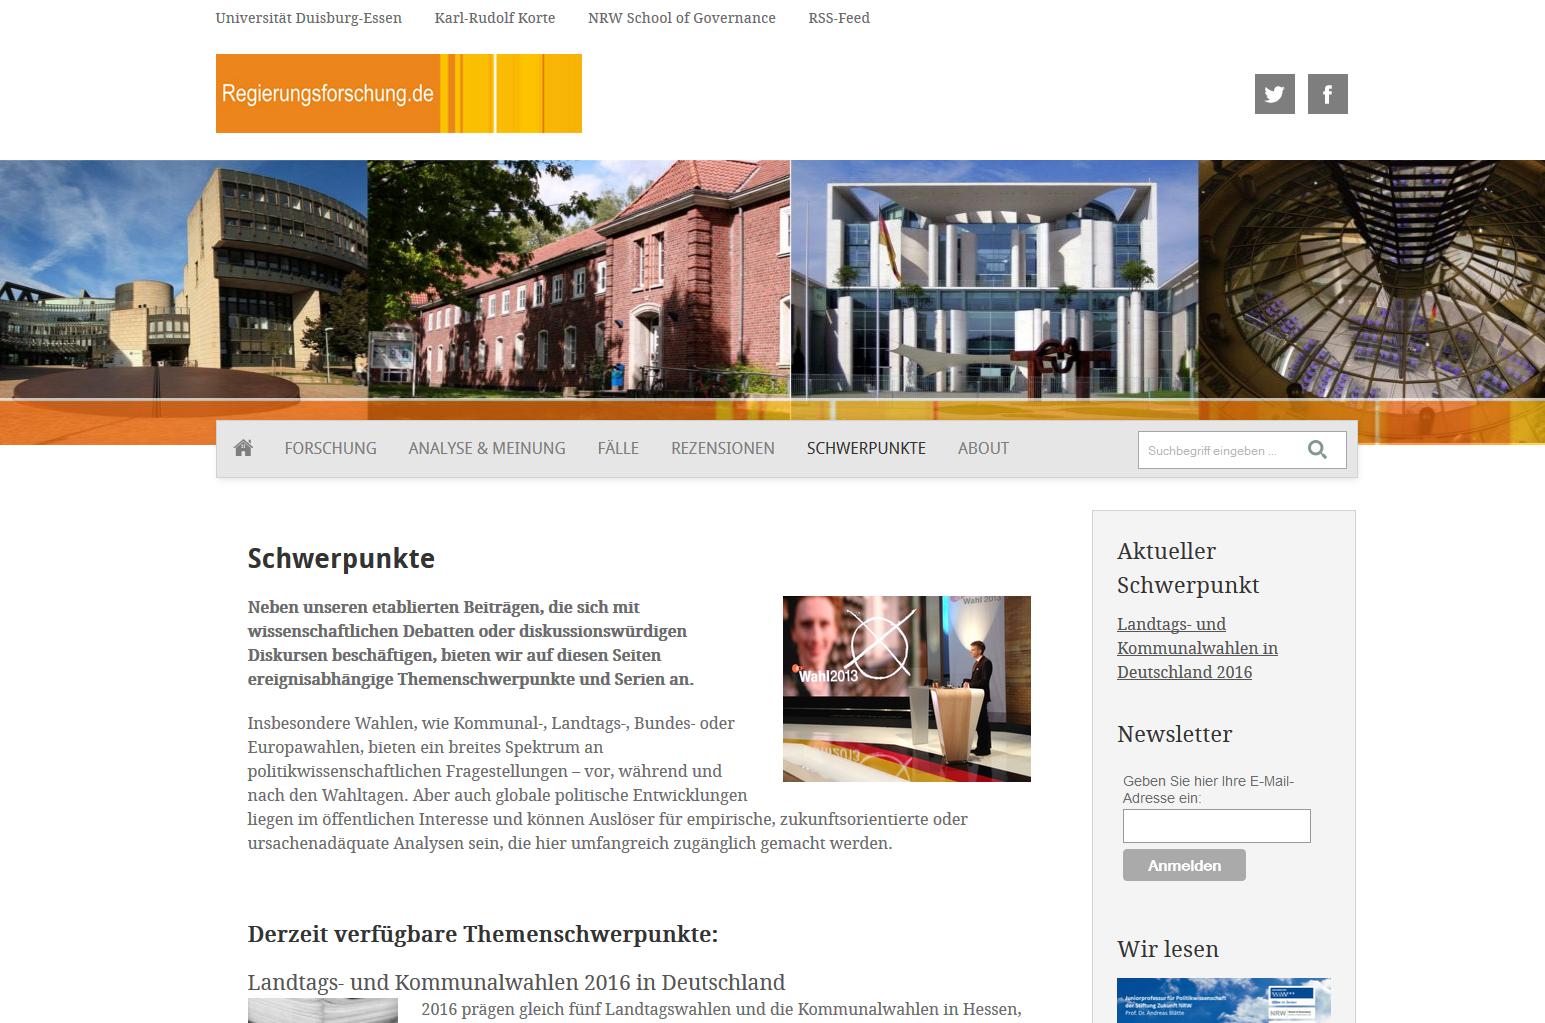 Auf regierungsforschung.de finden Sie Schwerpunktthemen, Essays, Forschungsbeiträge und mehr.